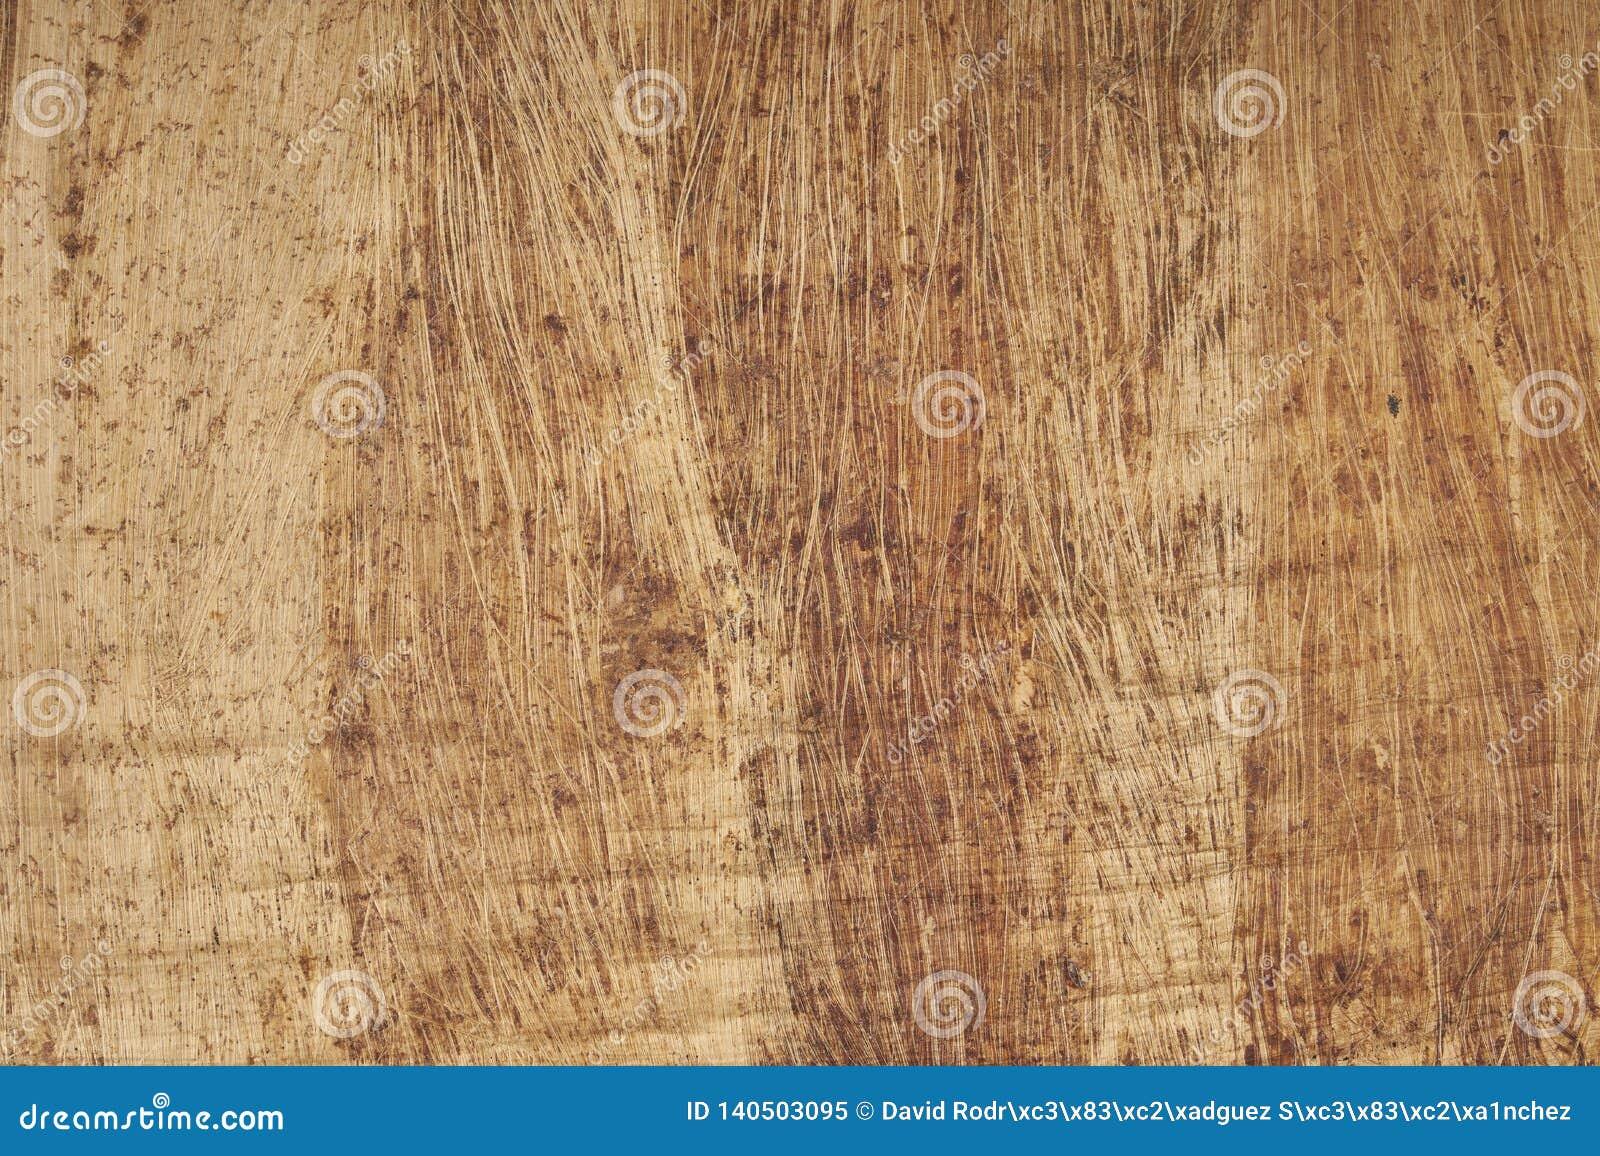 Papiro egipcio con el espacio para el fondo texturizado